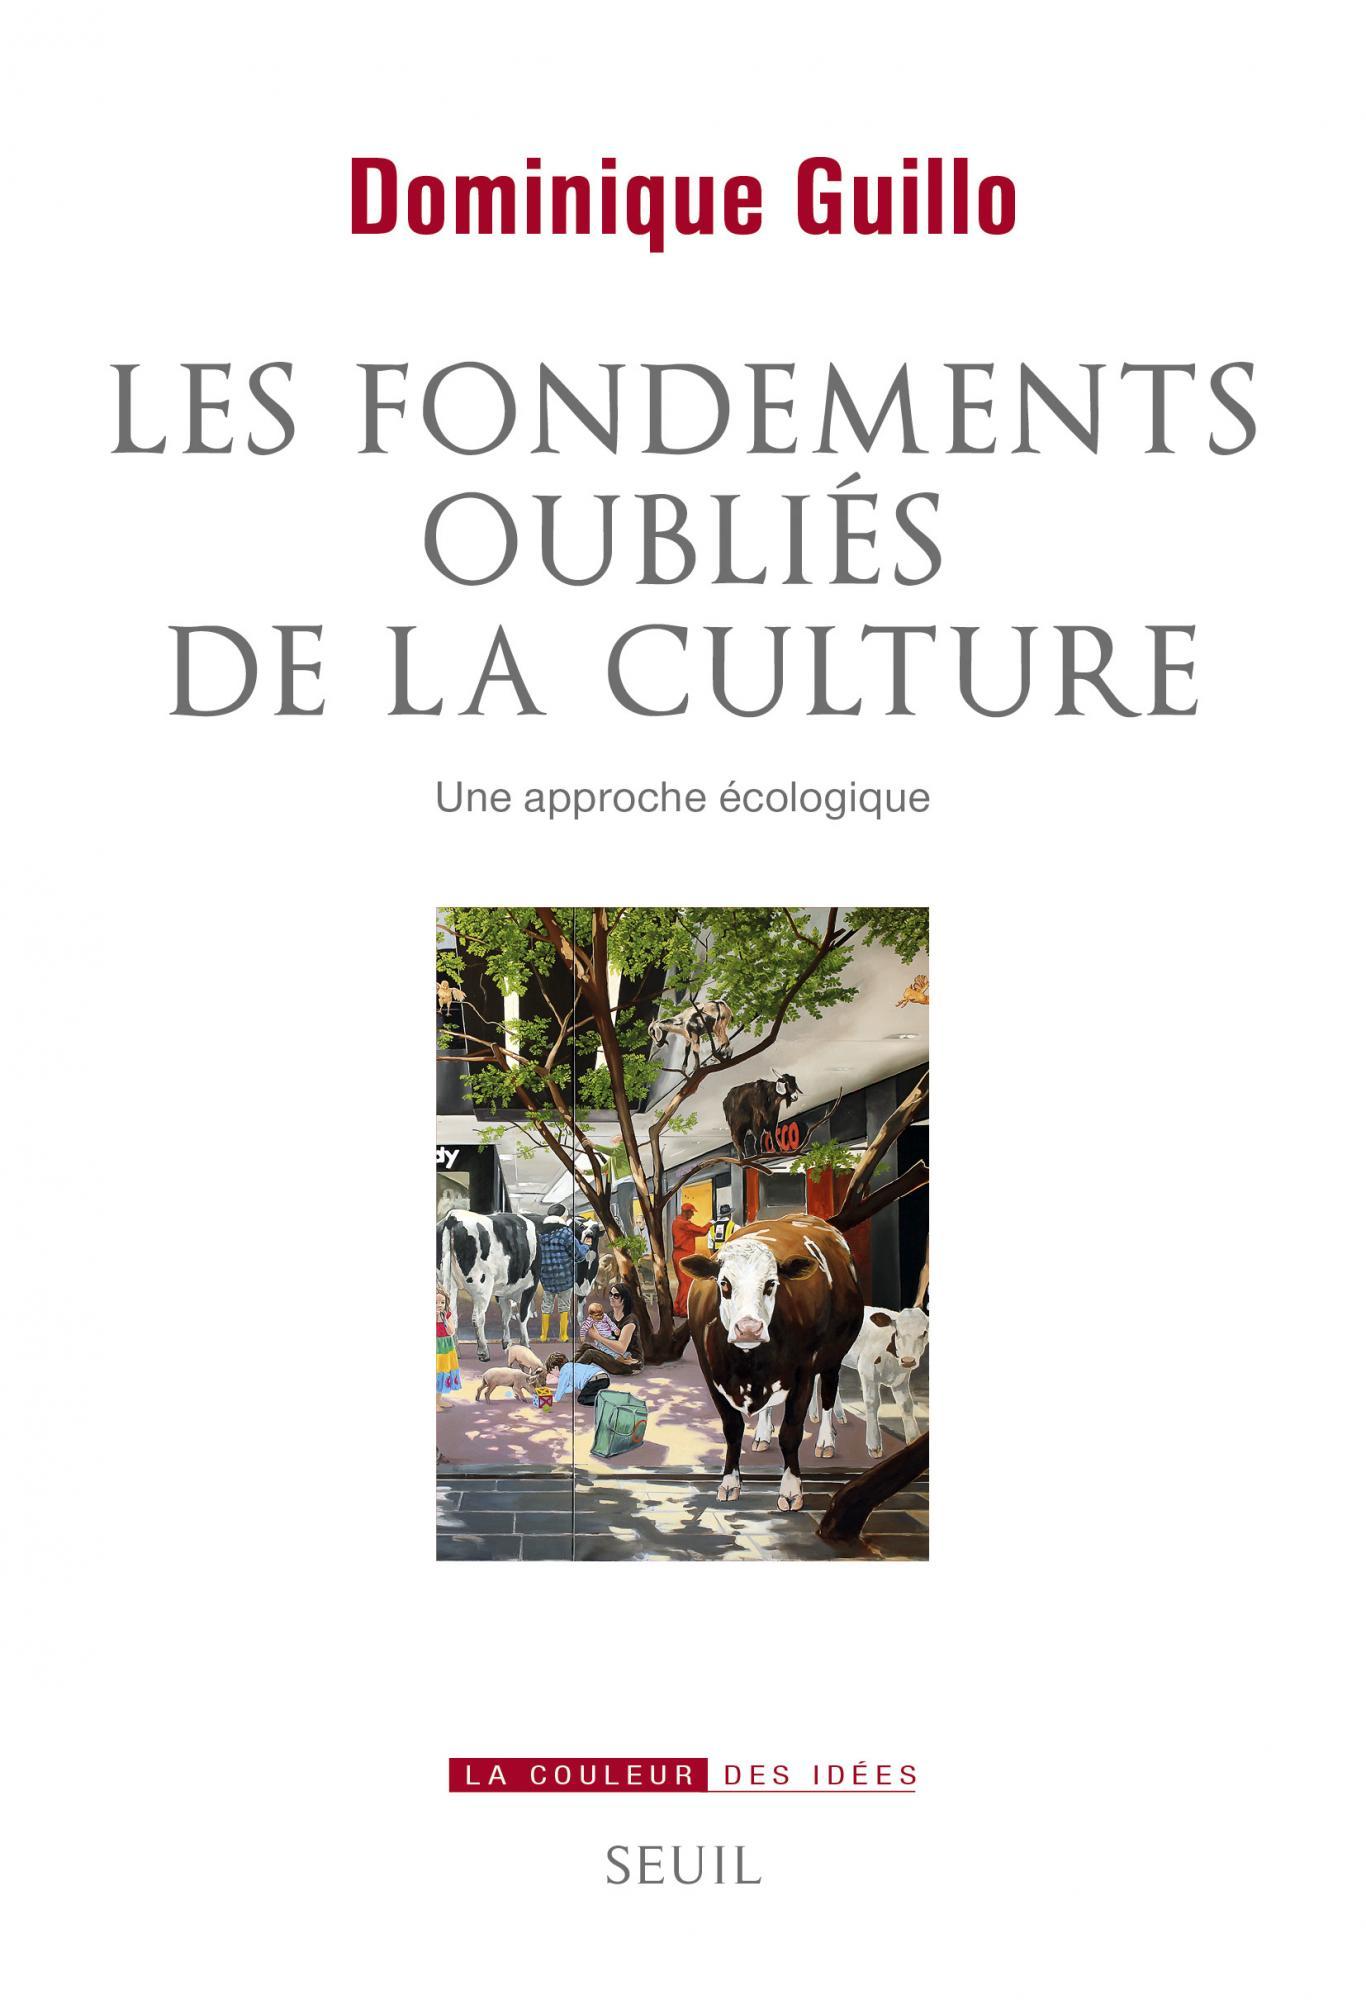 D. Guillo, Les fondements oubliés de la culture. Une approche écologique